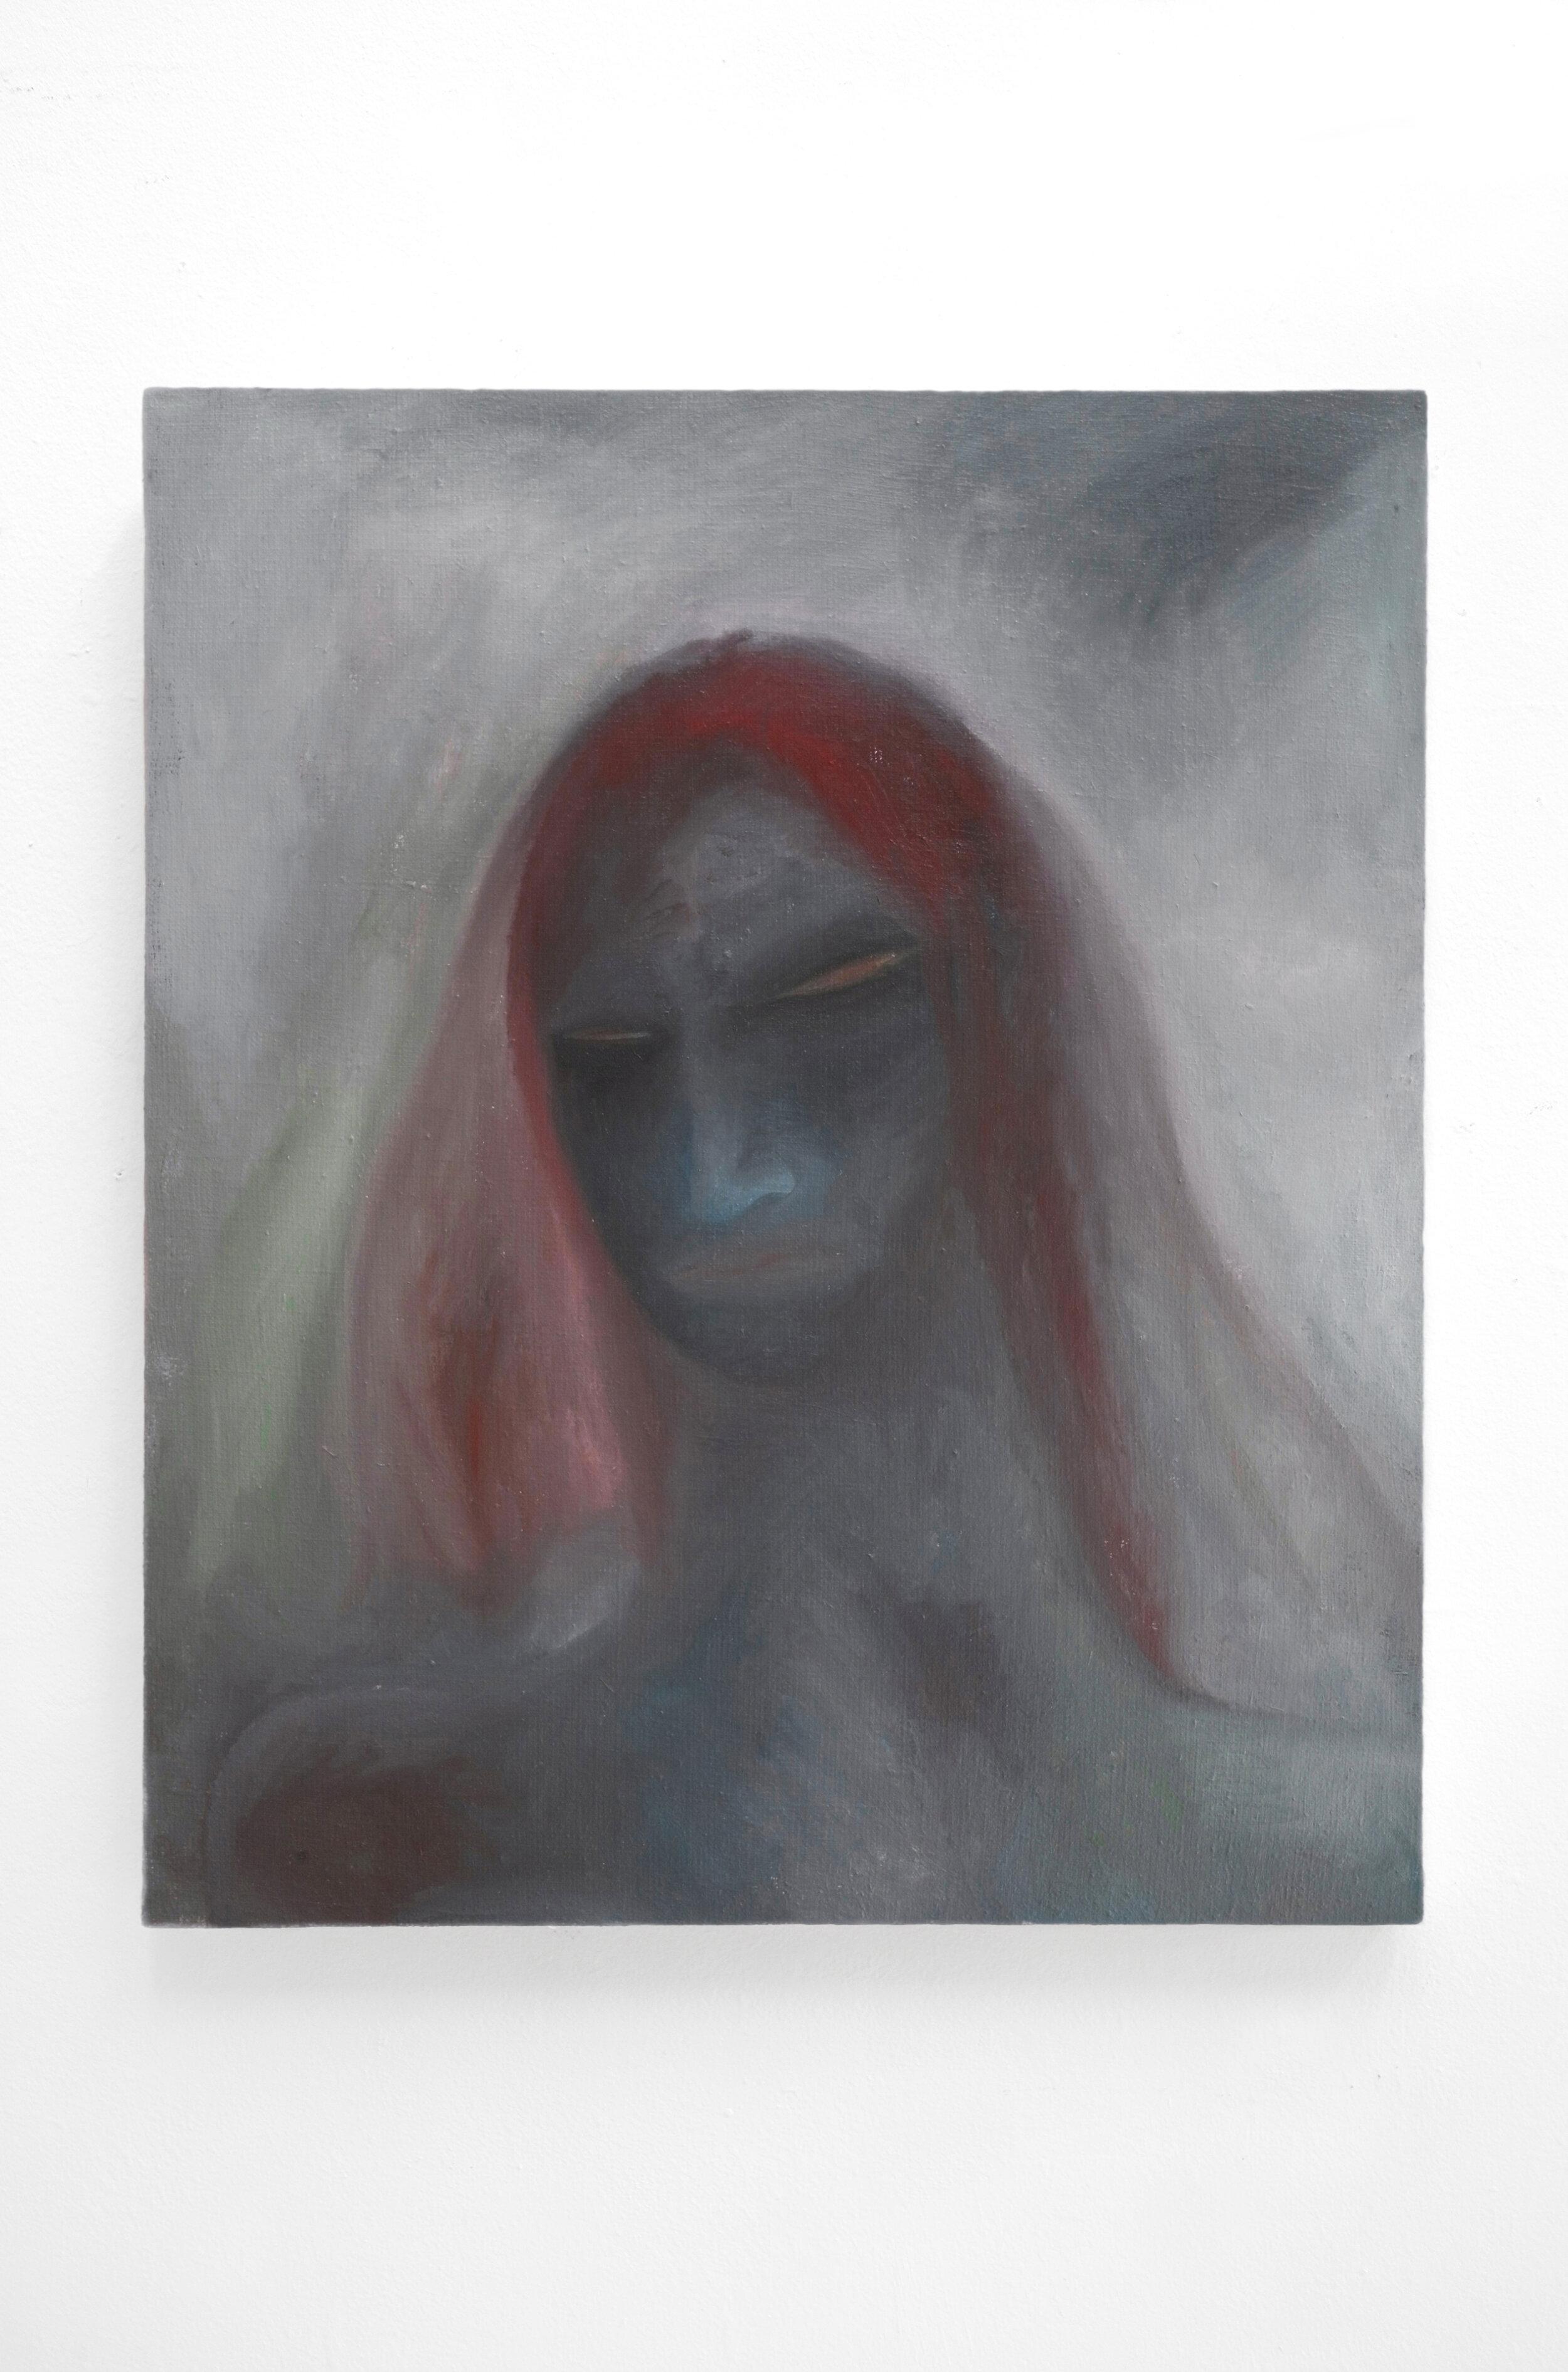 Sonya Derviz, Untitled, 2019